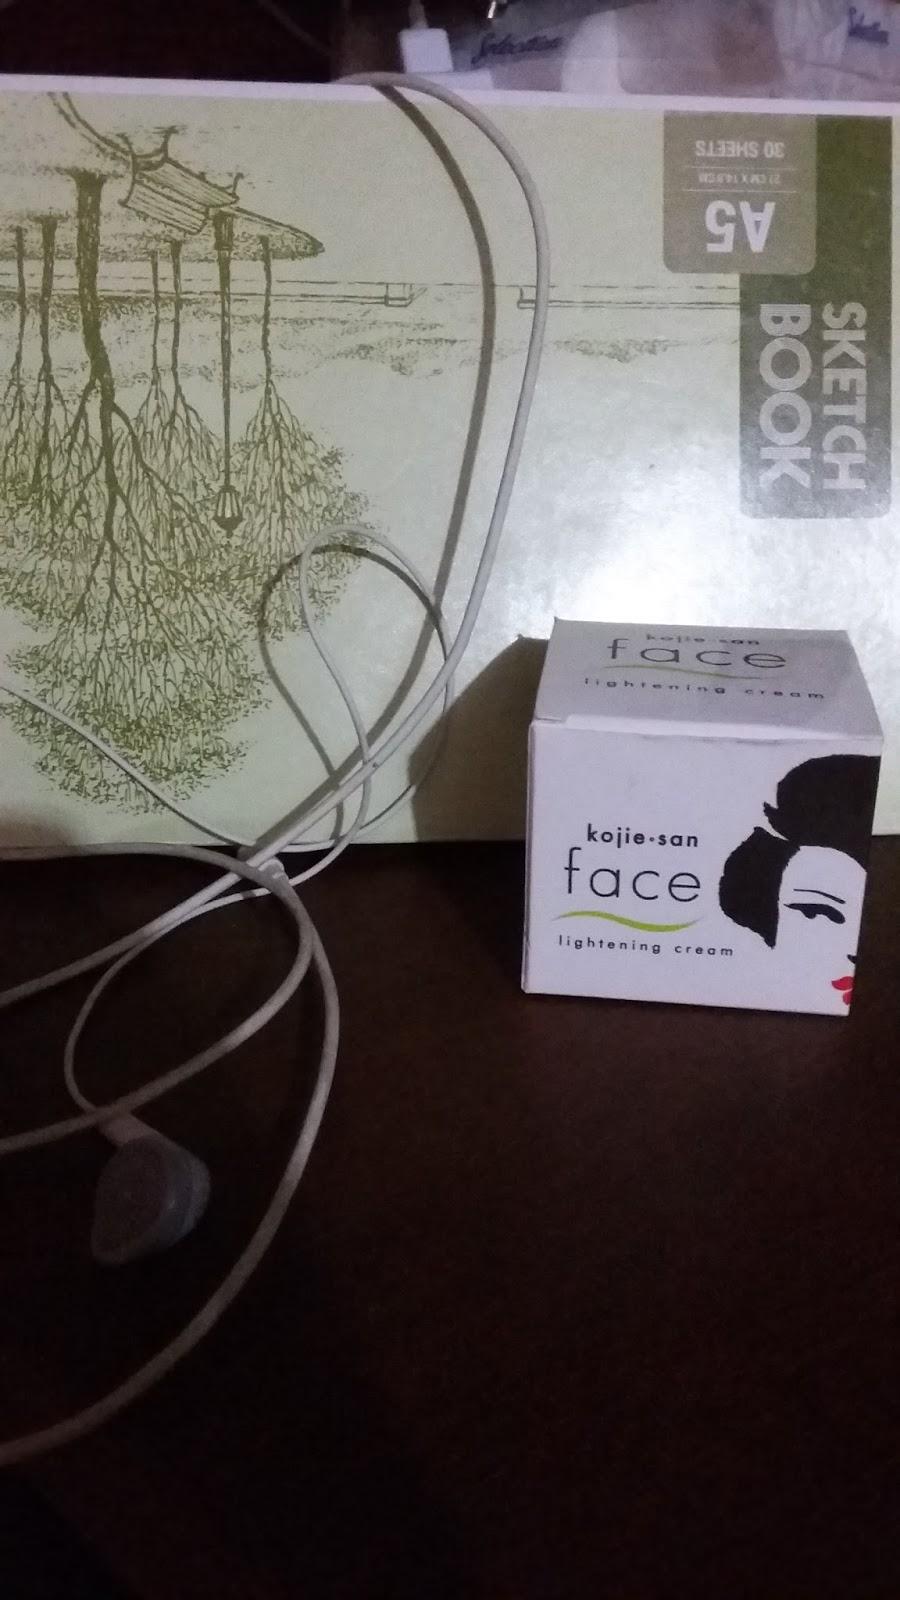 Promo Harga Sabun Kecantikan Kojie San Terbaru 2018 Tony Perotti Sandals Edmund Brown Cokelat Muda 39 Skin Lightening Series Review Quibbler Nah Yang Ini Si Tokoh Utamanya Konon